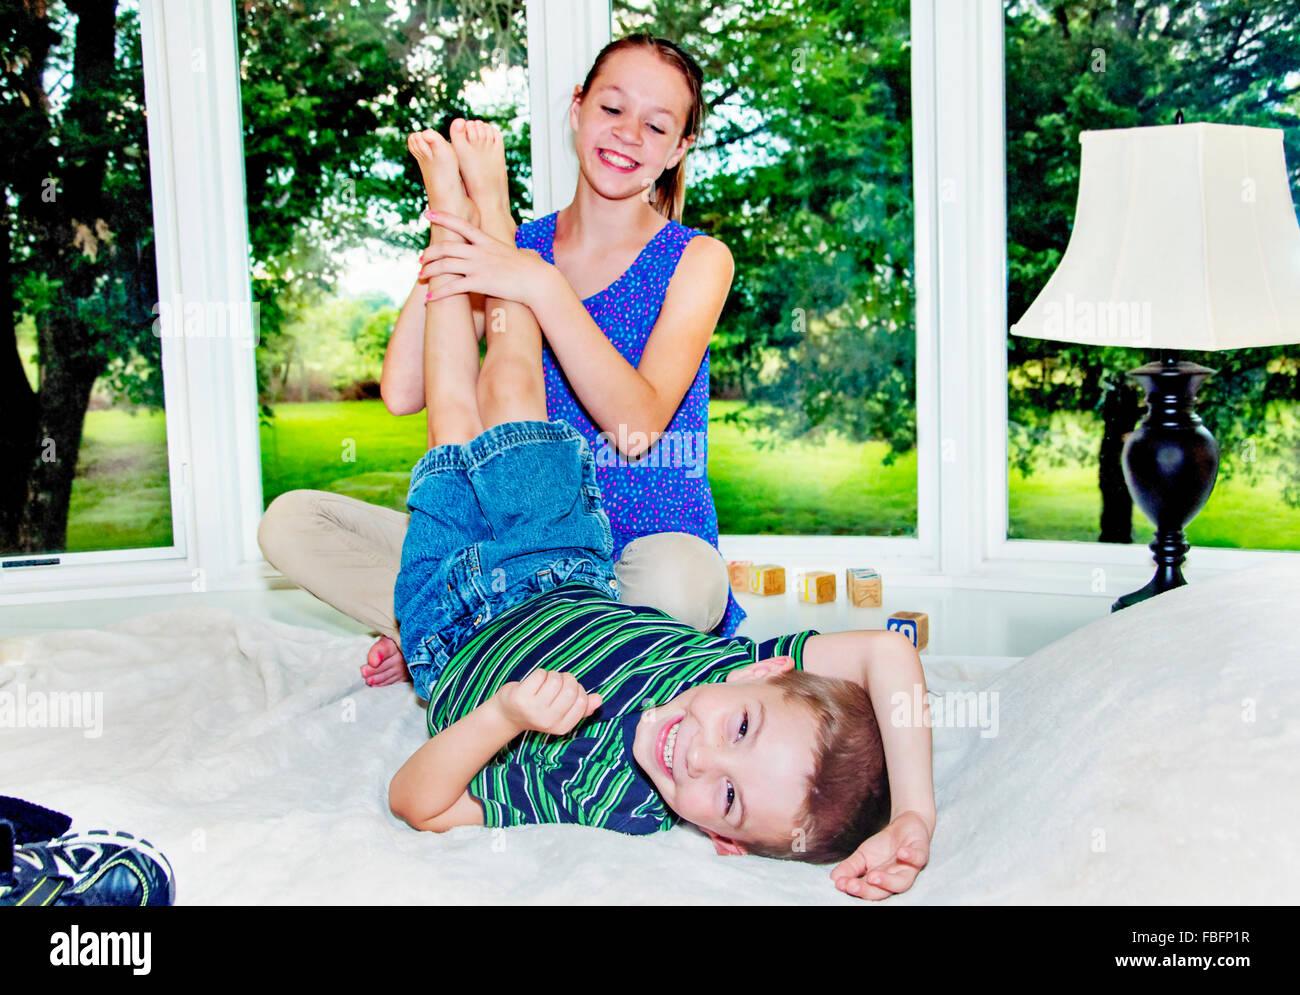 Ragazza solletico ragazzi piccoli piedi sul letto Immagini Stock